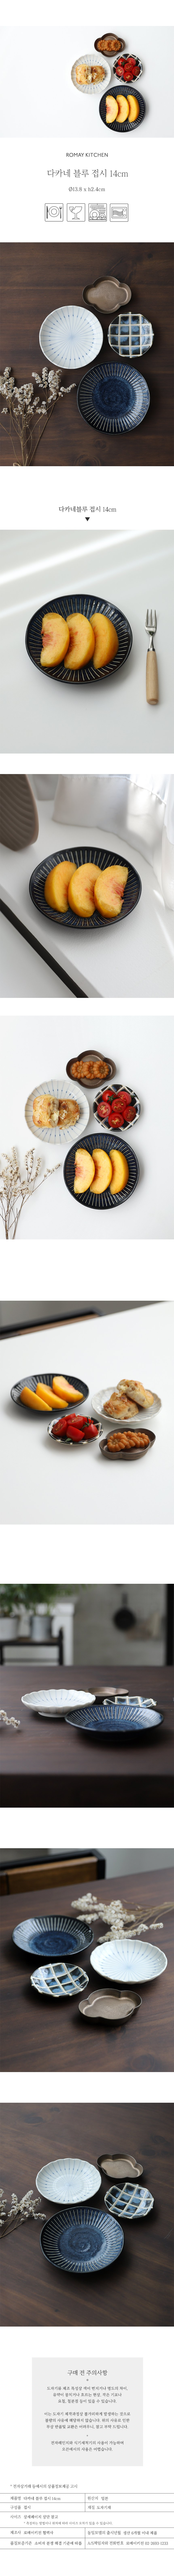 다카네블루 접시 14cm - 로메이키친A, 4,200원, 접시/찬기, 접시